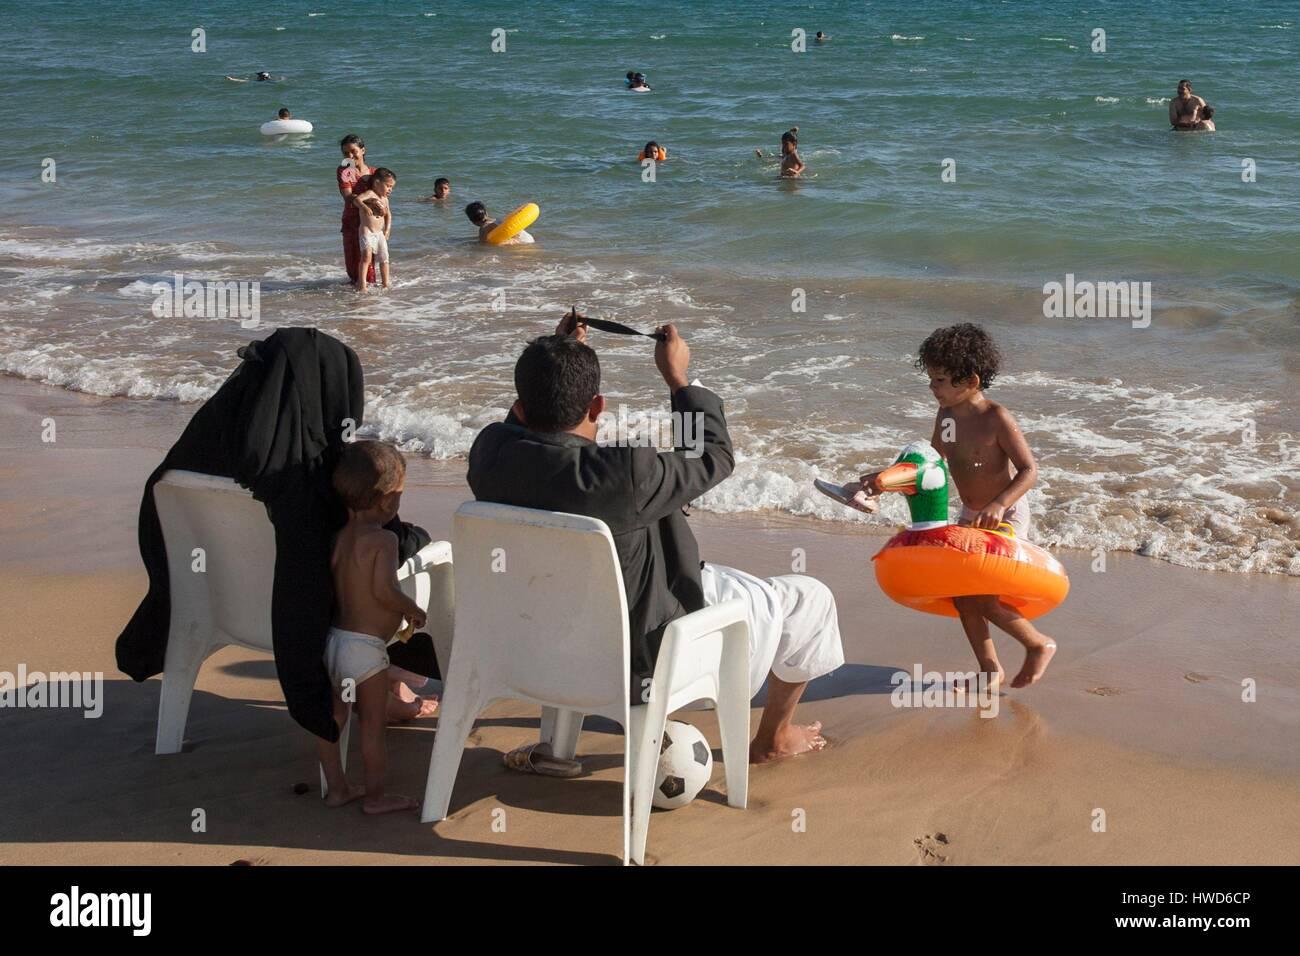 Yemen, Aden, couple bathing children during AId El Kebir - Stock Image